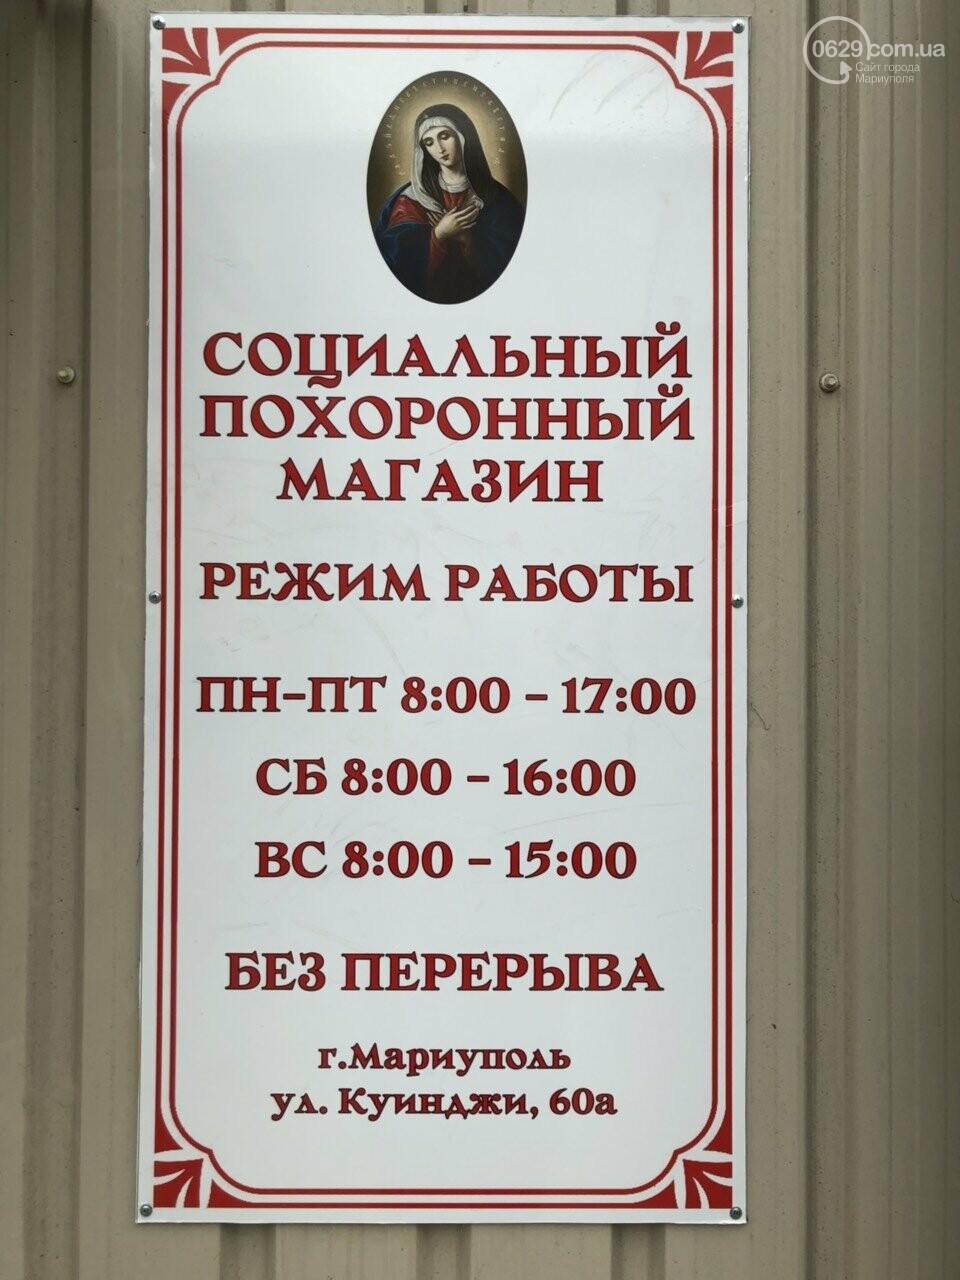 Открытие Городского «Социального похоронного магазина», фото-2